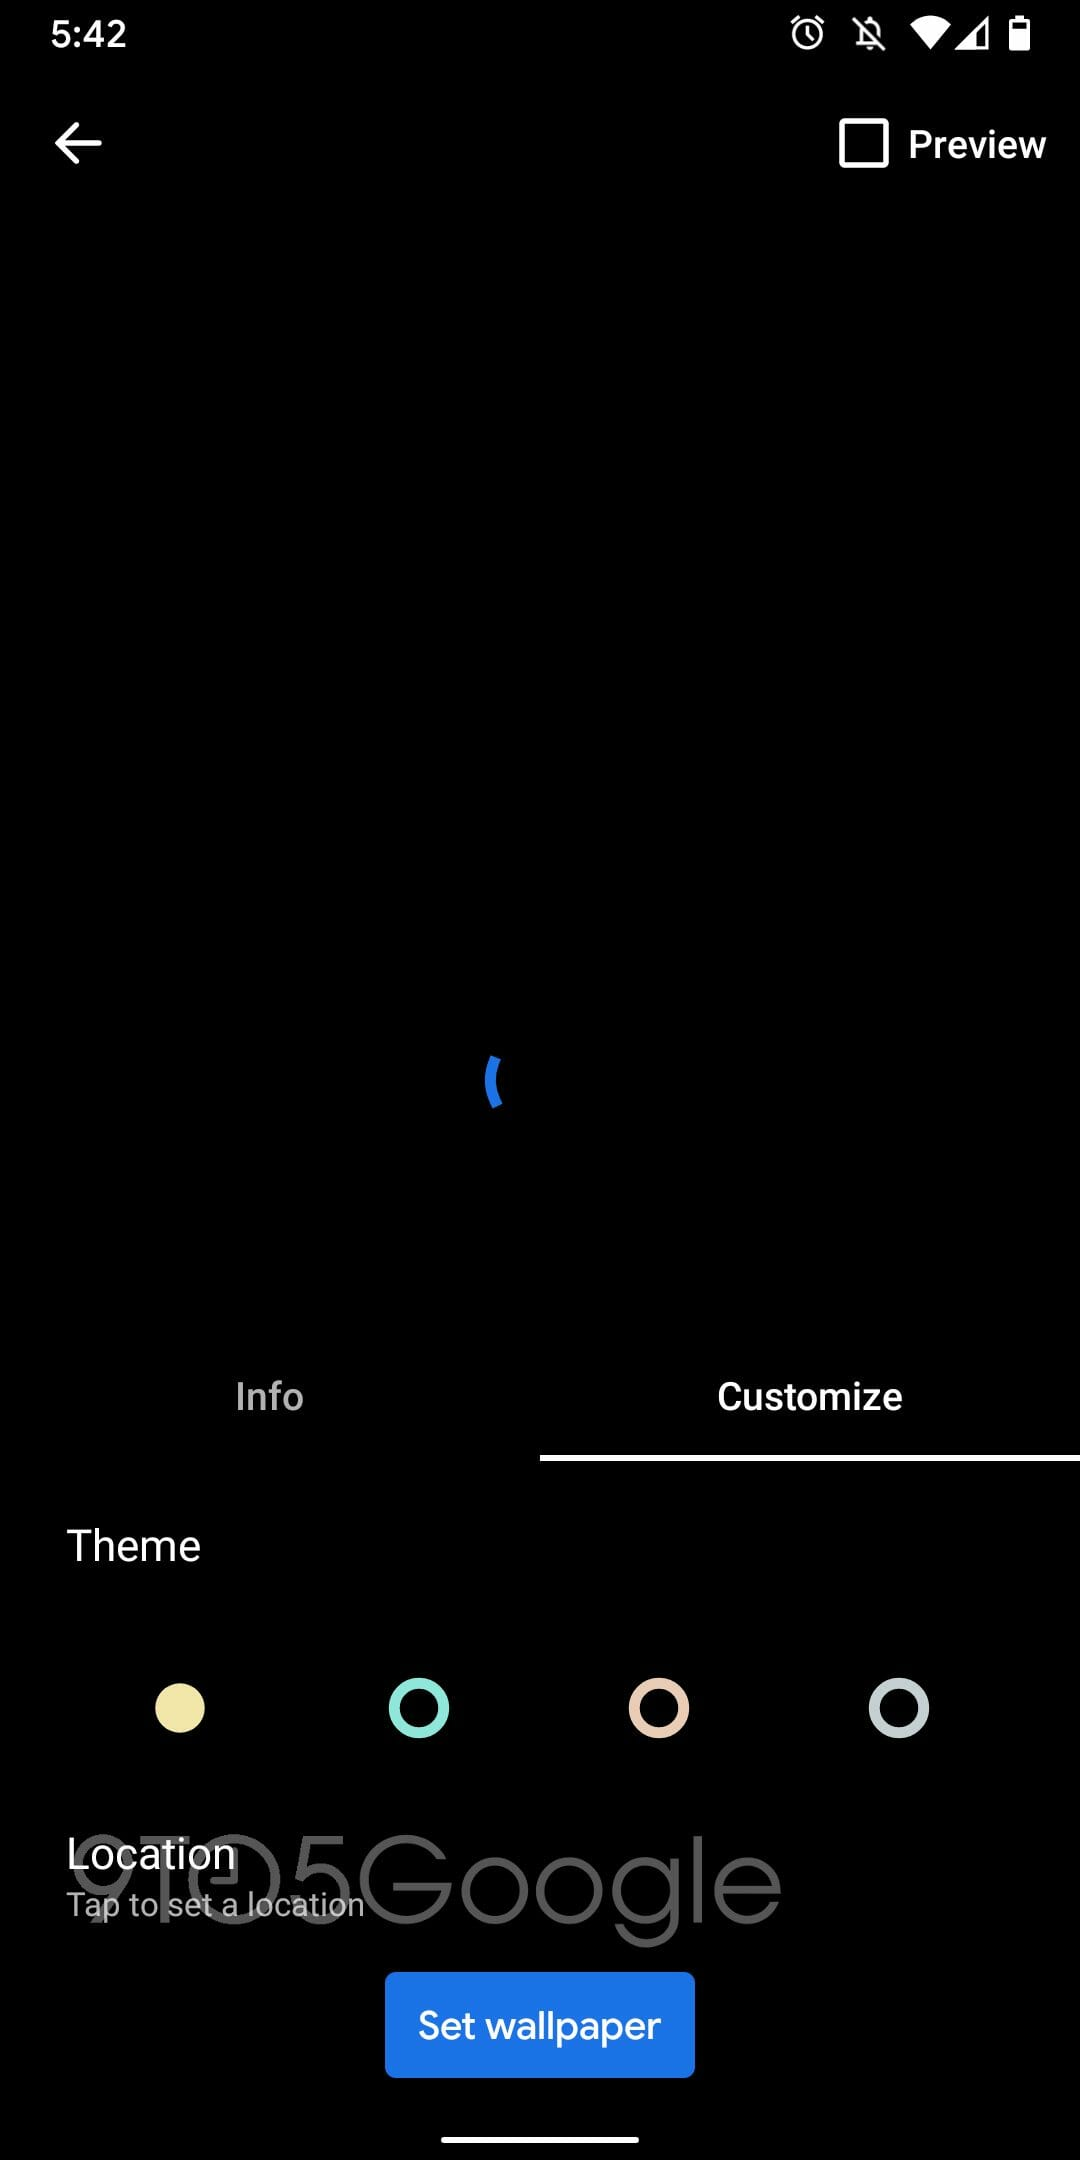 Pixel 4のライブ壁紙が流出 全種類解説 ダウンロードも可能に